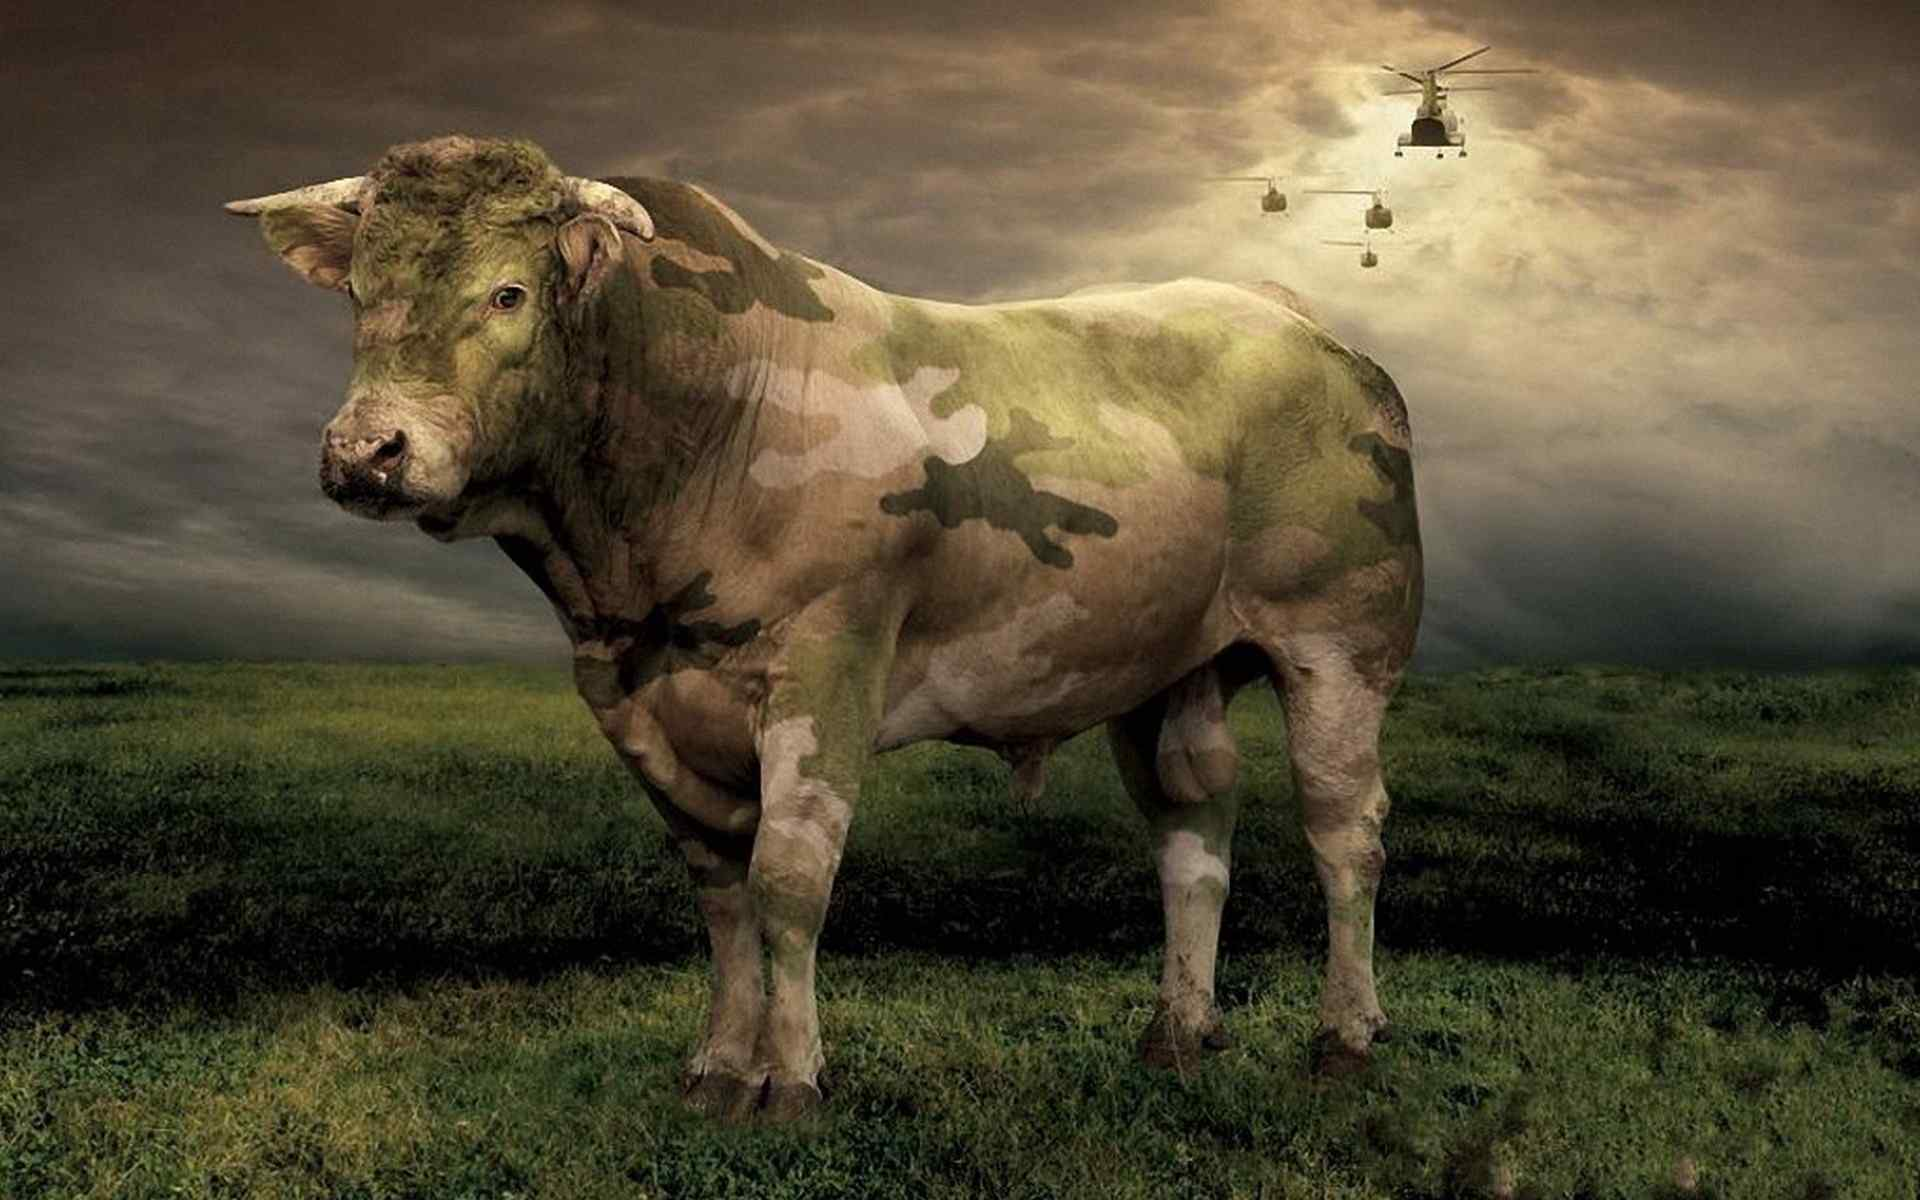 奶牛的图片大全 奶油法牛图片大全 奶牛图片可爱 水牛图片 遇见奶牛菜单图片